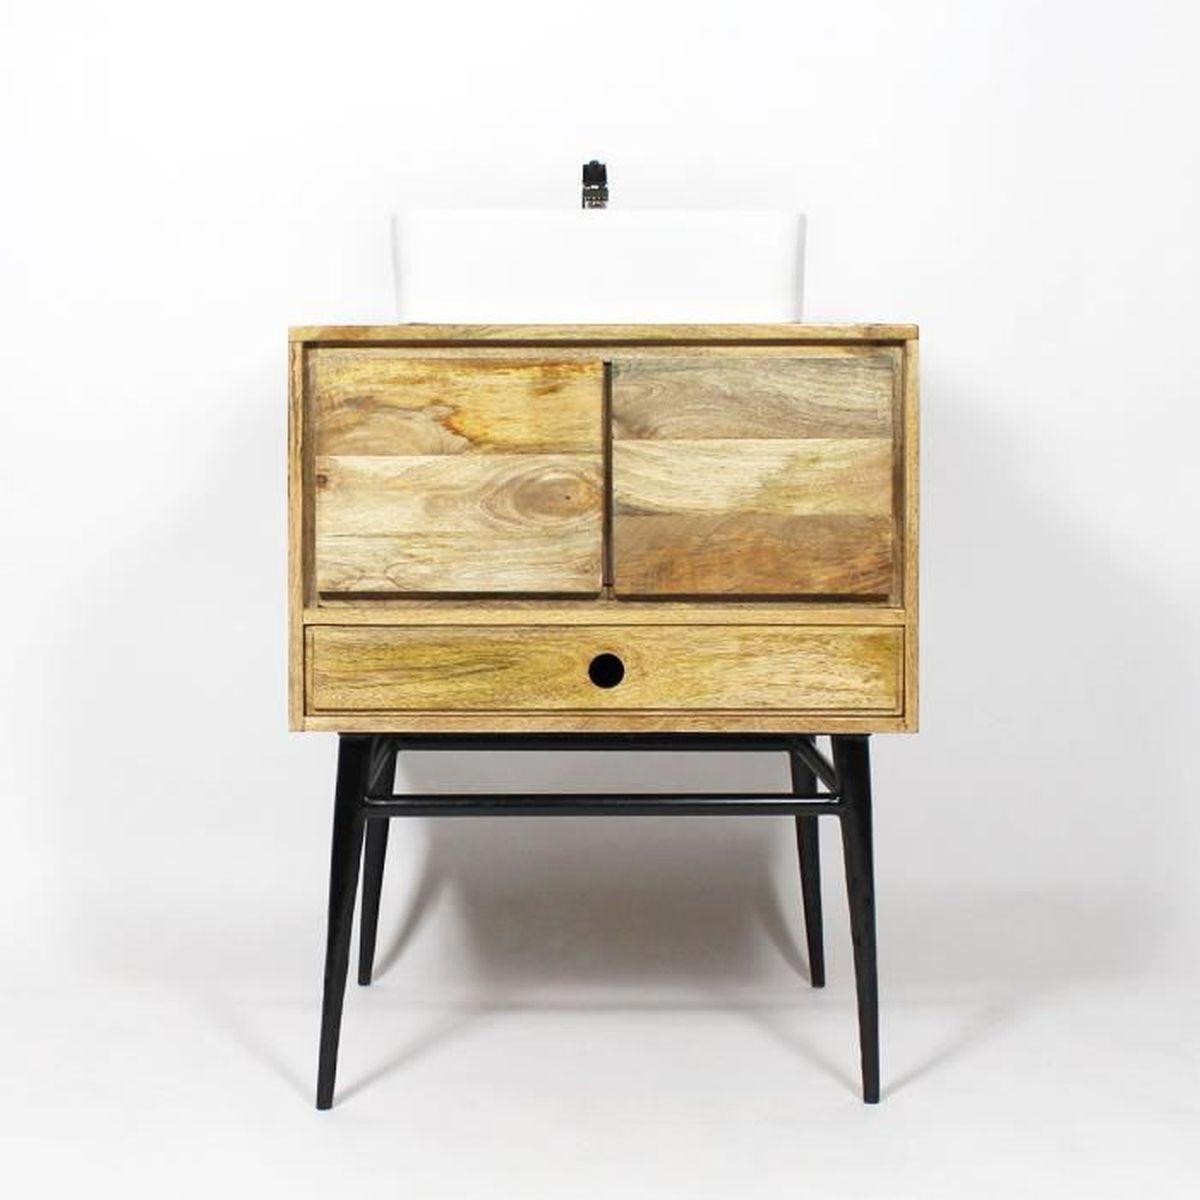 meuble salle de bain bois massif et m tal style scandinave pa07 55 bois achat vente meuble. Black Bedroom Furniture Sets. Home Design Ideas